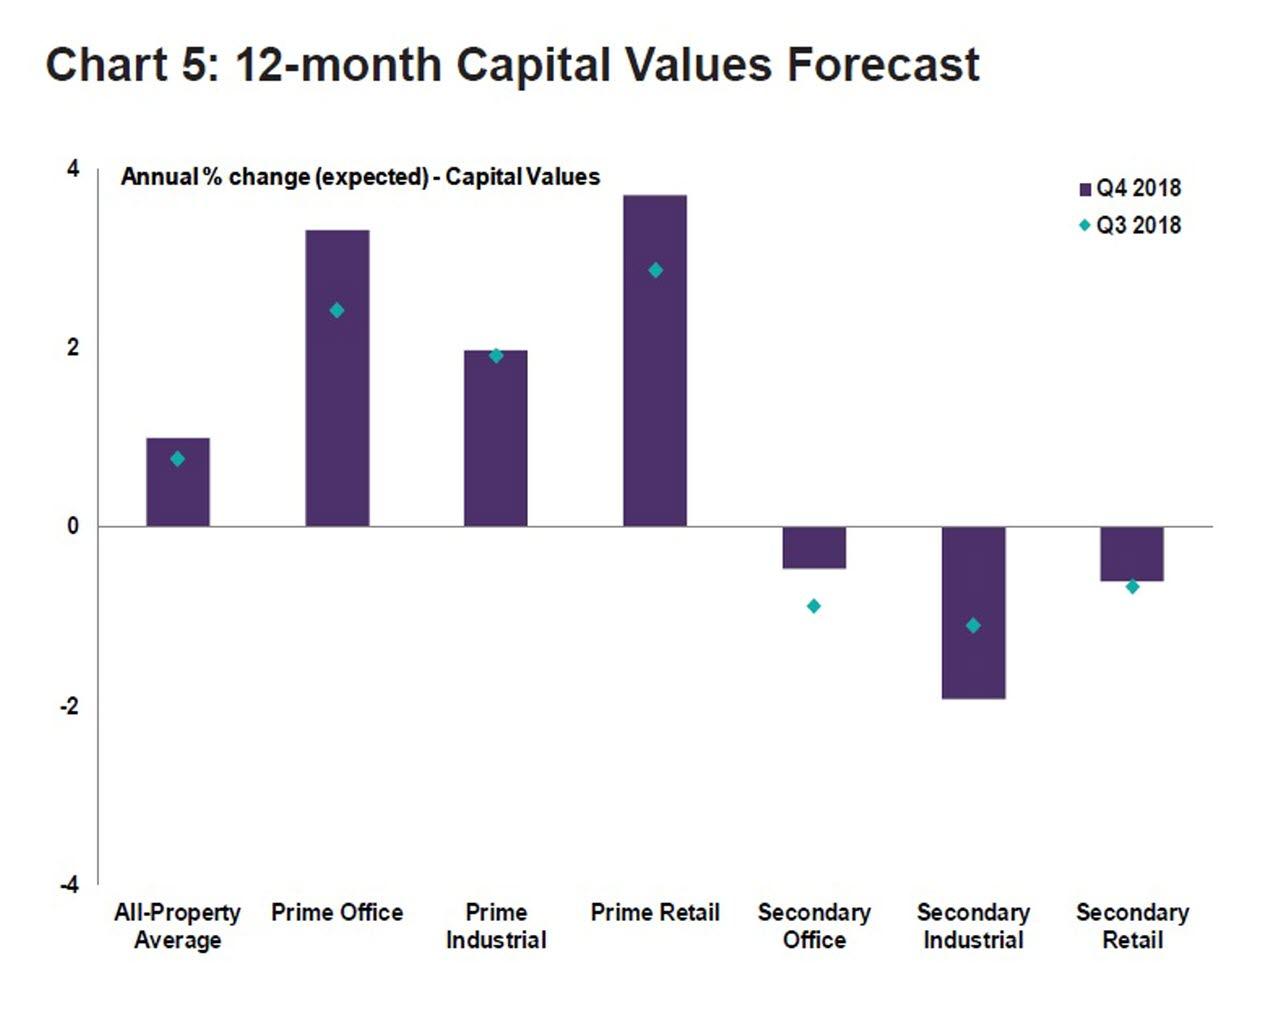 Capital Values Forecast in Italy